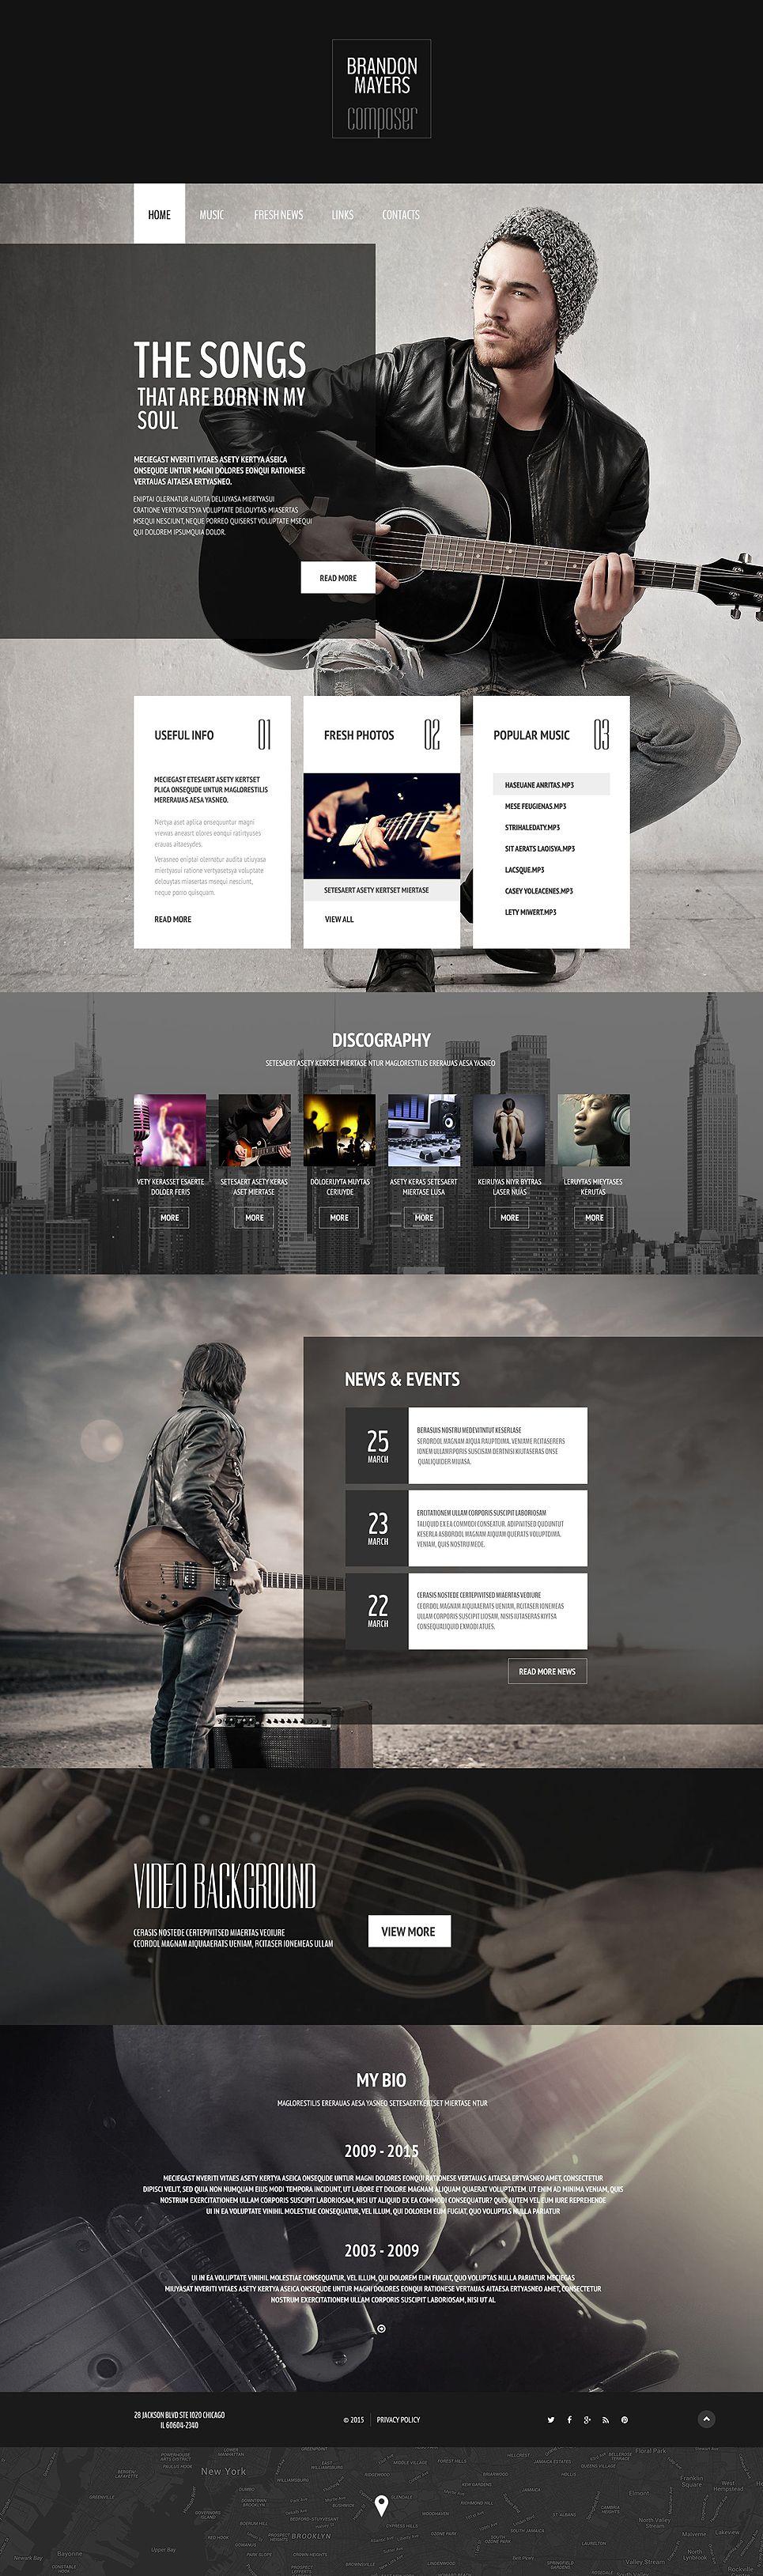 Composer\'s Portfolio Website Template | Website templates html5 ...